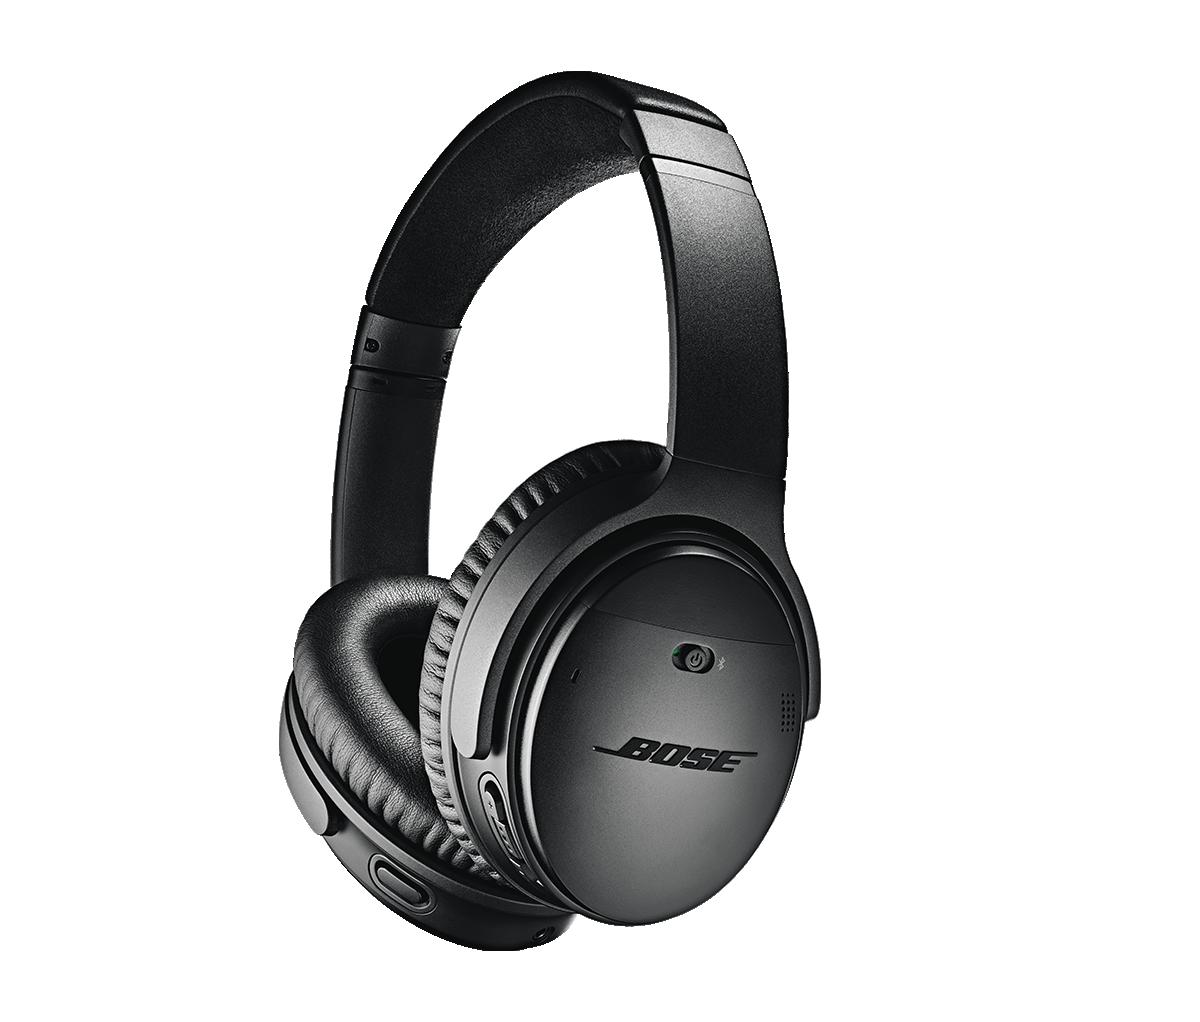 Bose Quietcomfort 35 Wireless Headphones Ii With Google Assistant - Black